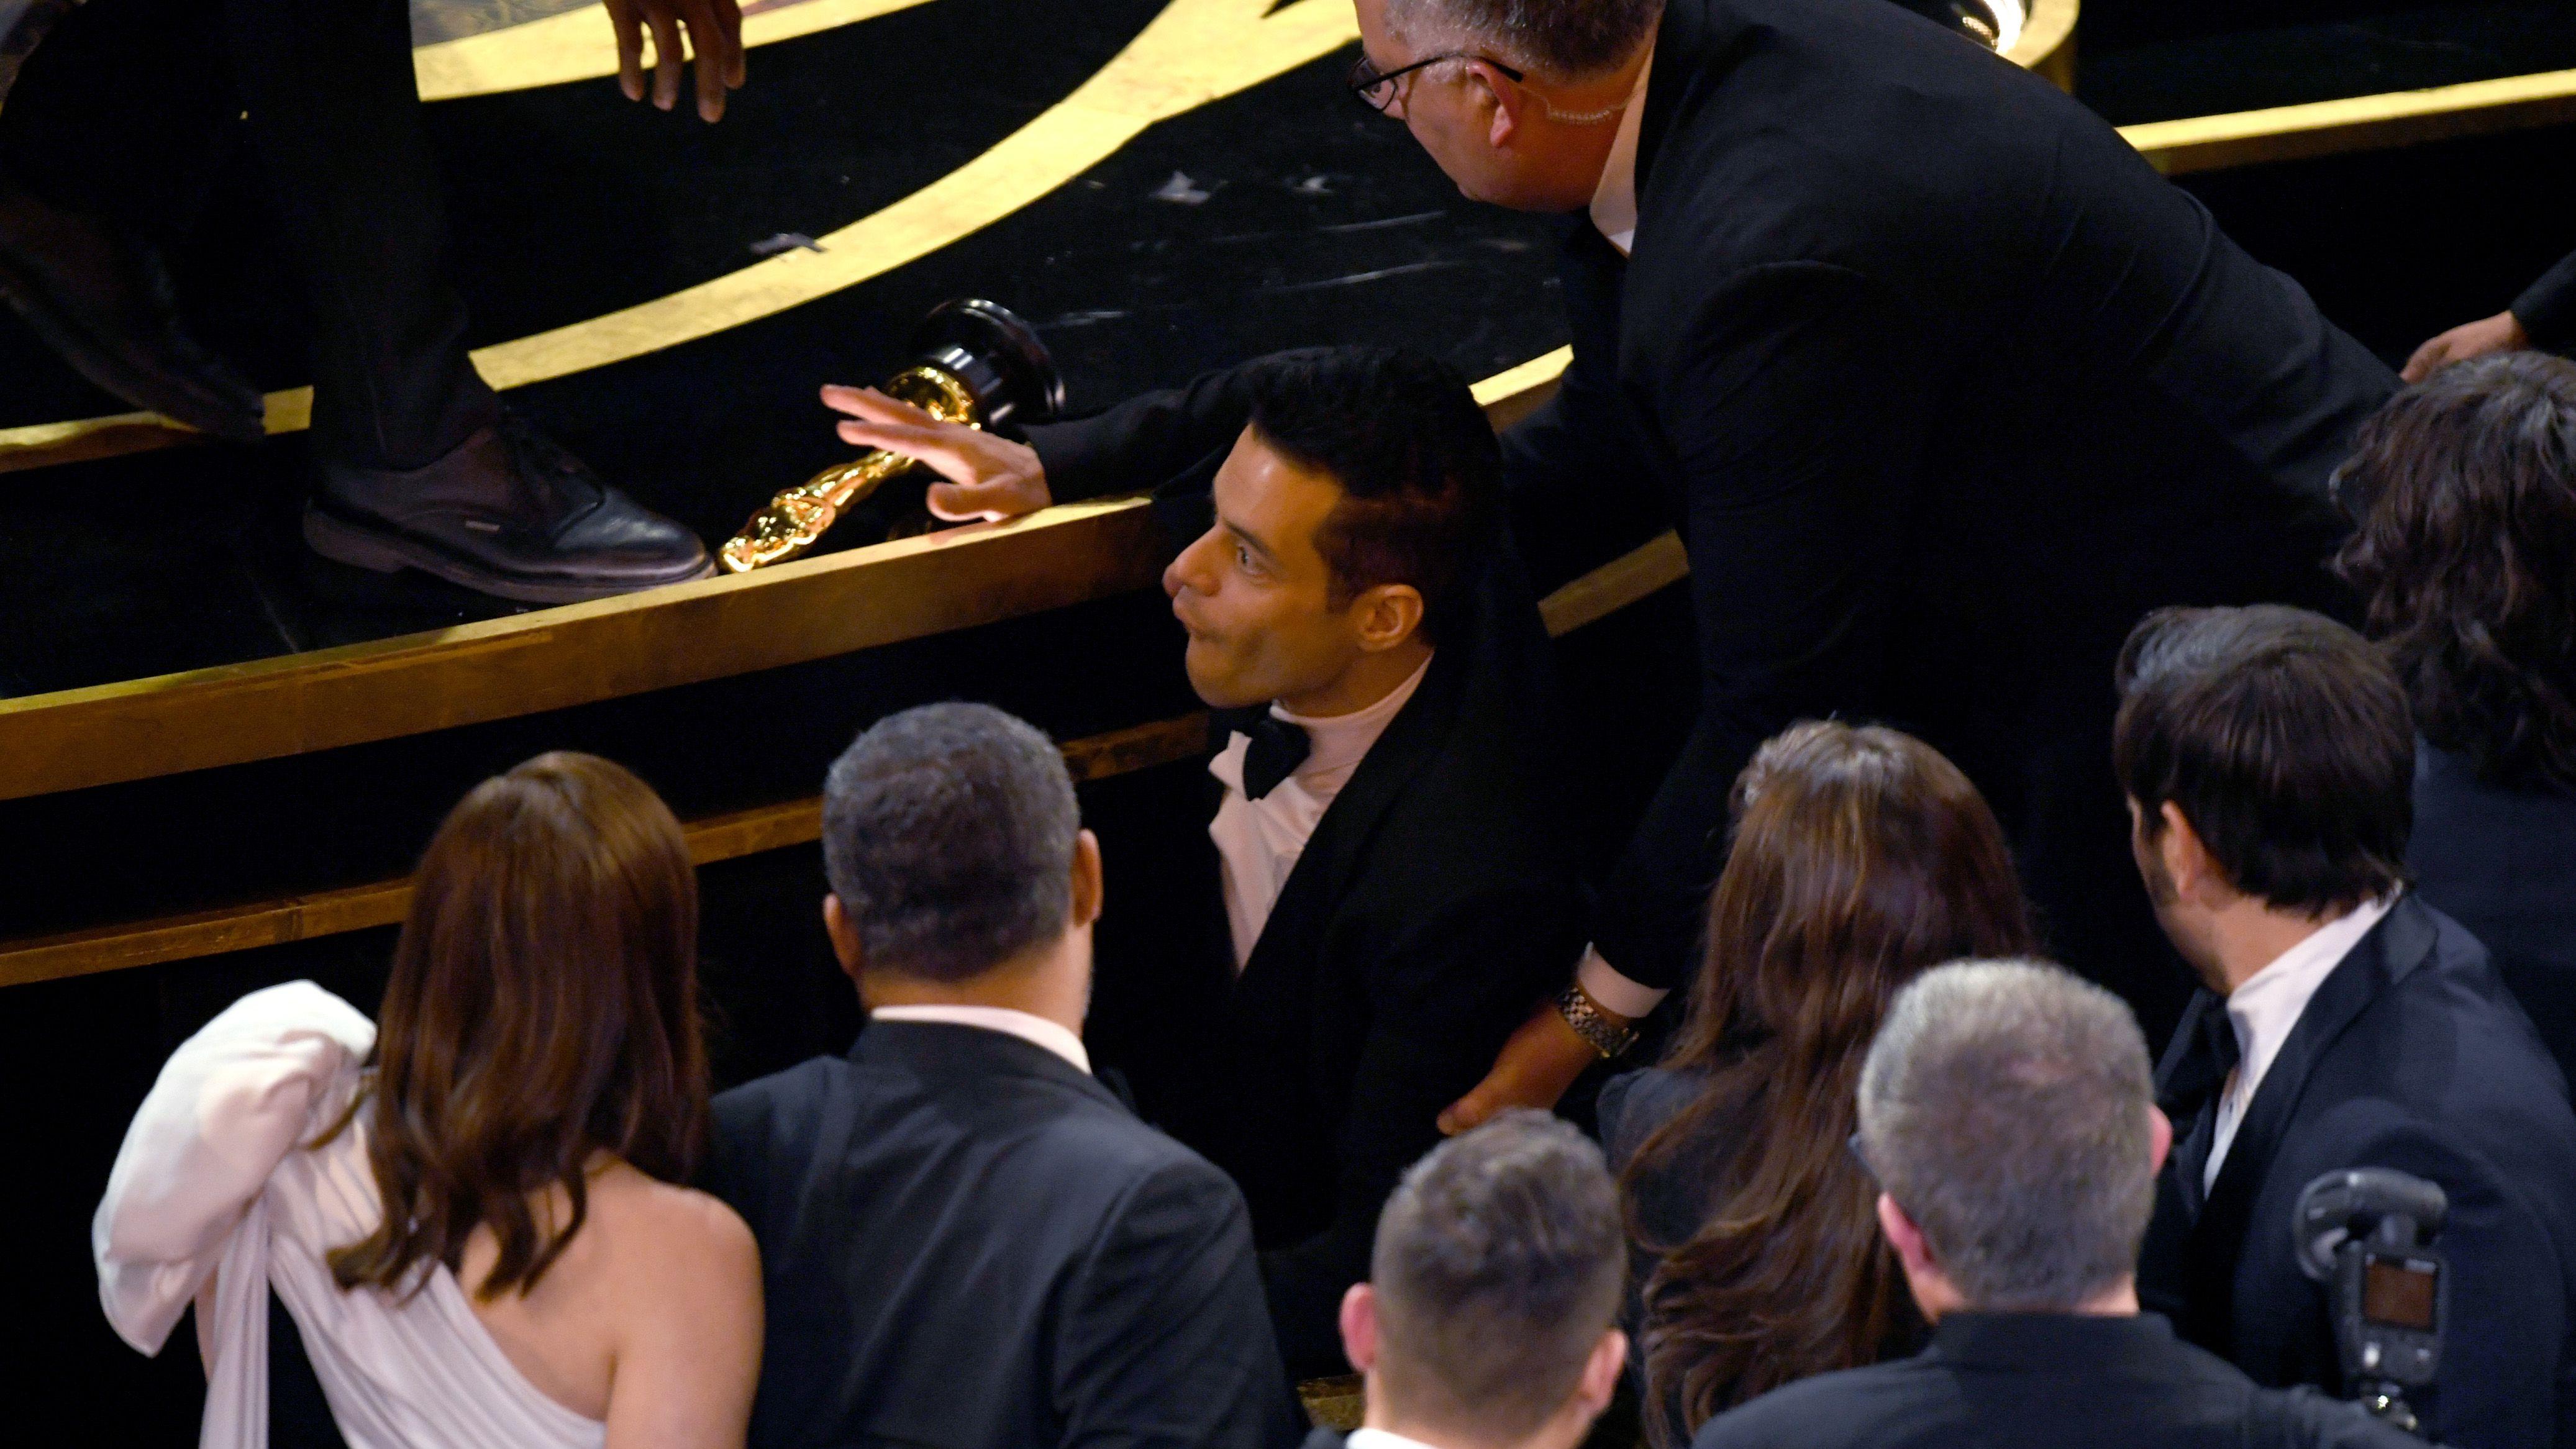 Rami Malek tropieza tras recoger su Oscar